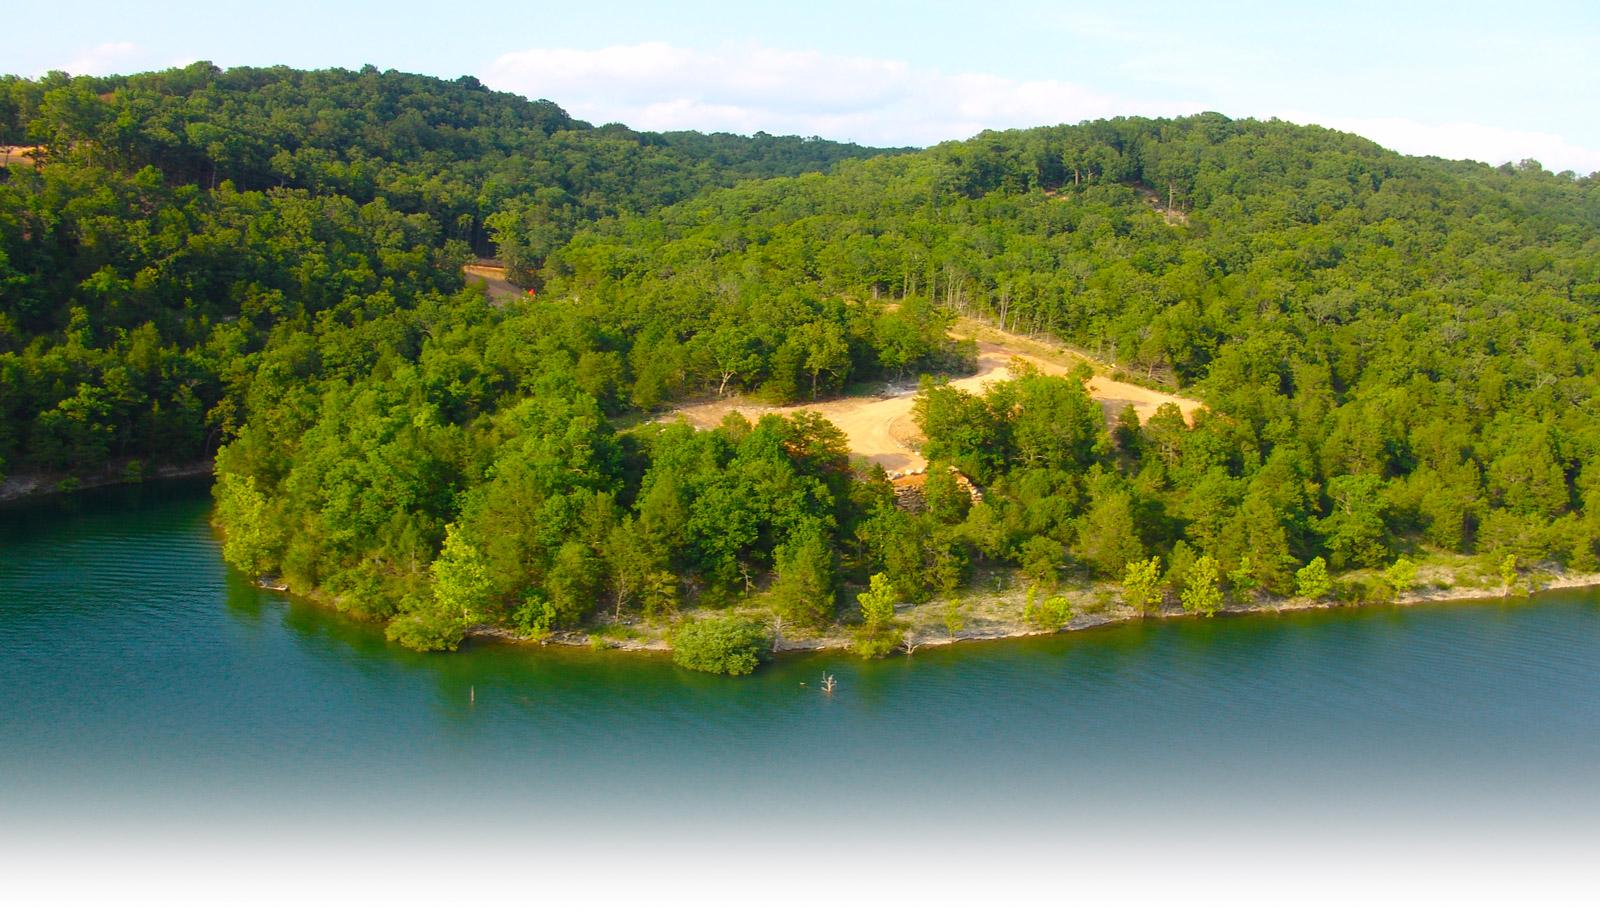 Trees - Table Rock Lake